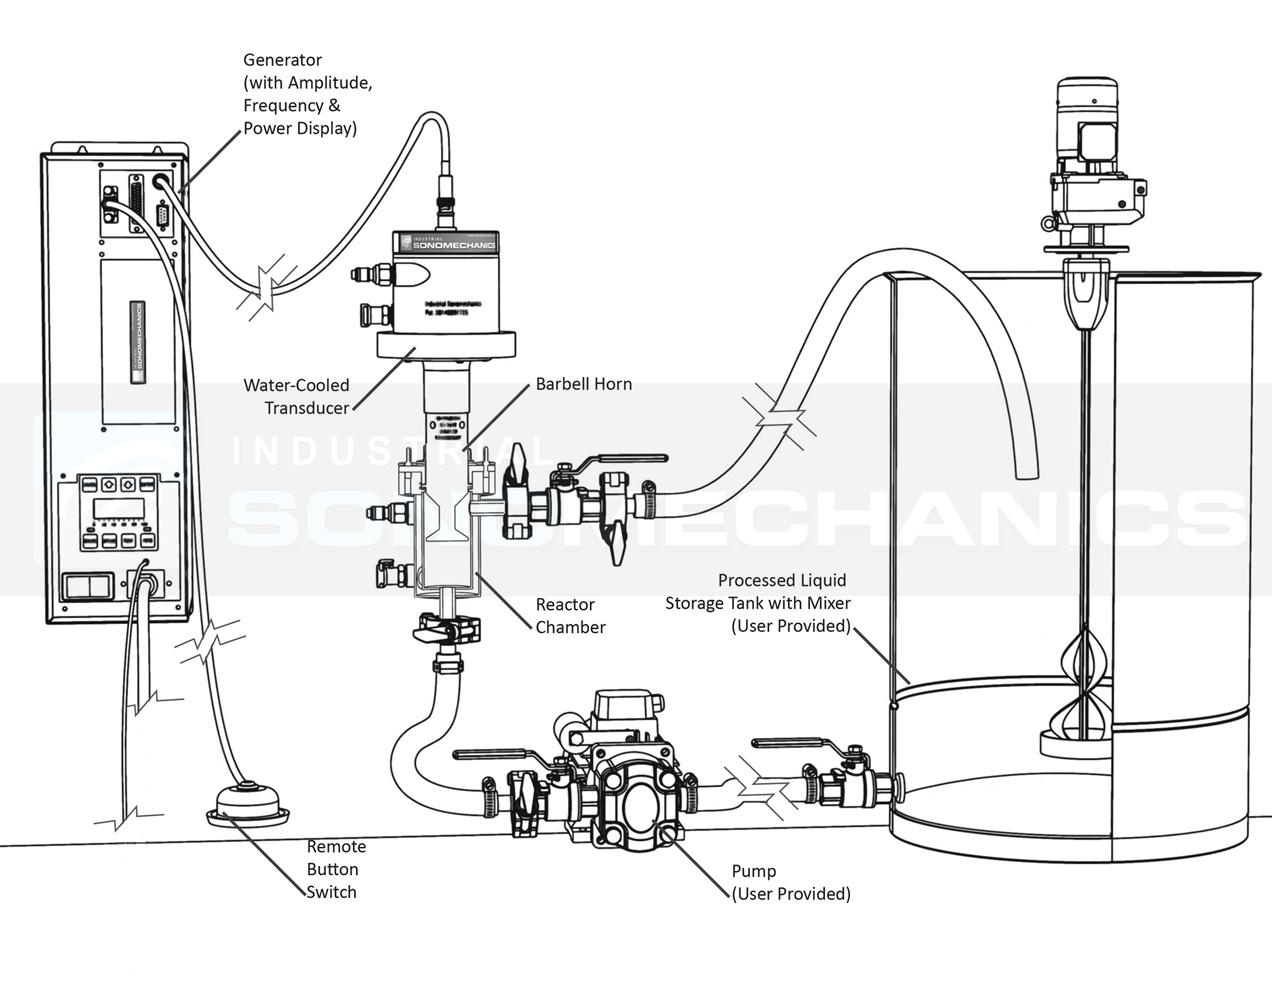 Recirculating_mode_schematic_bsp-1200_ultrasonic_processor.jpg